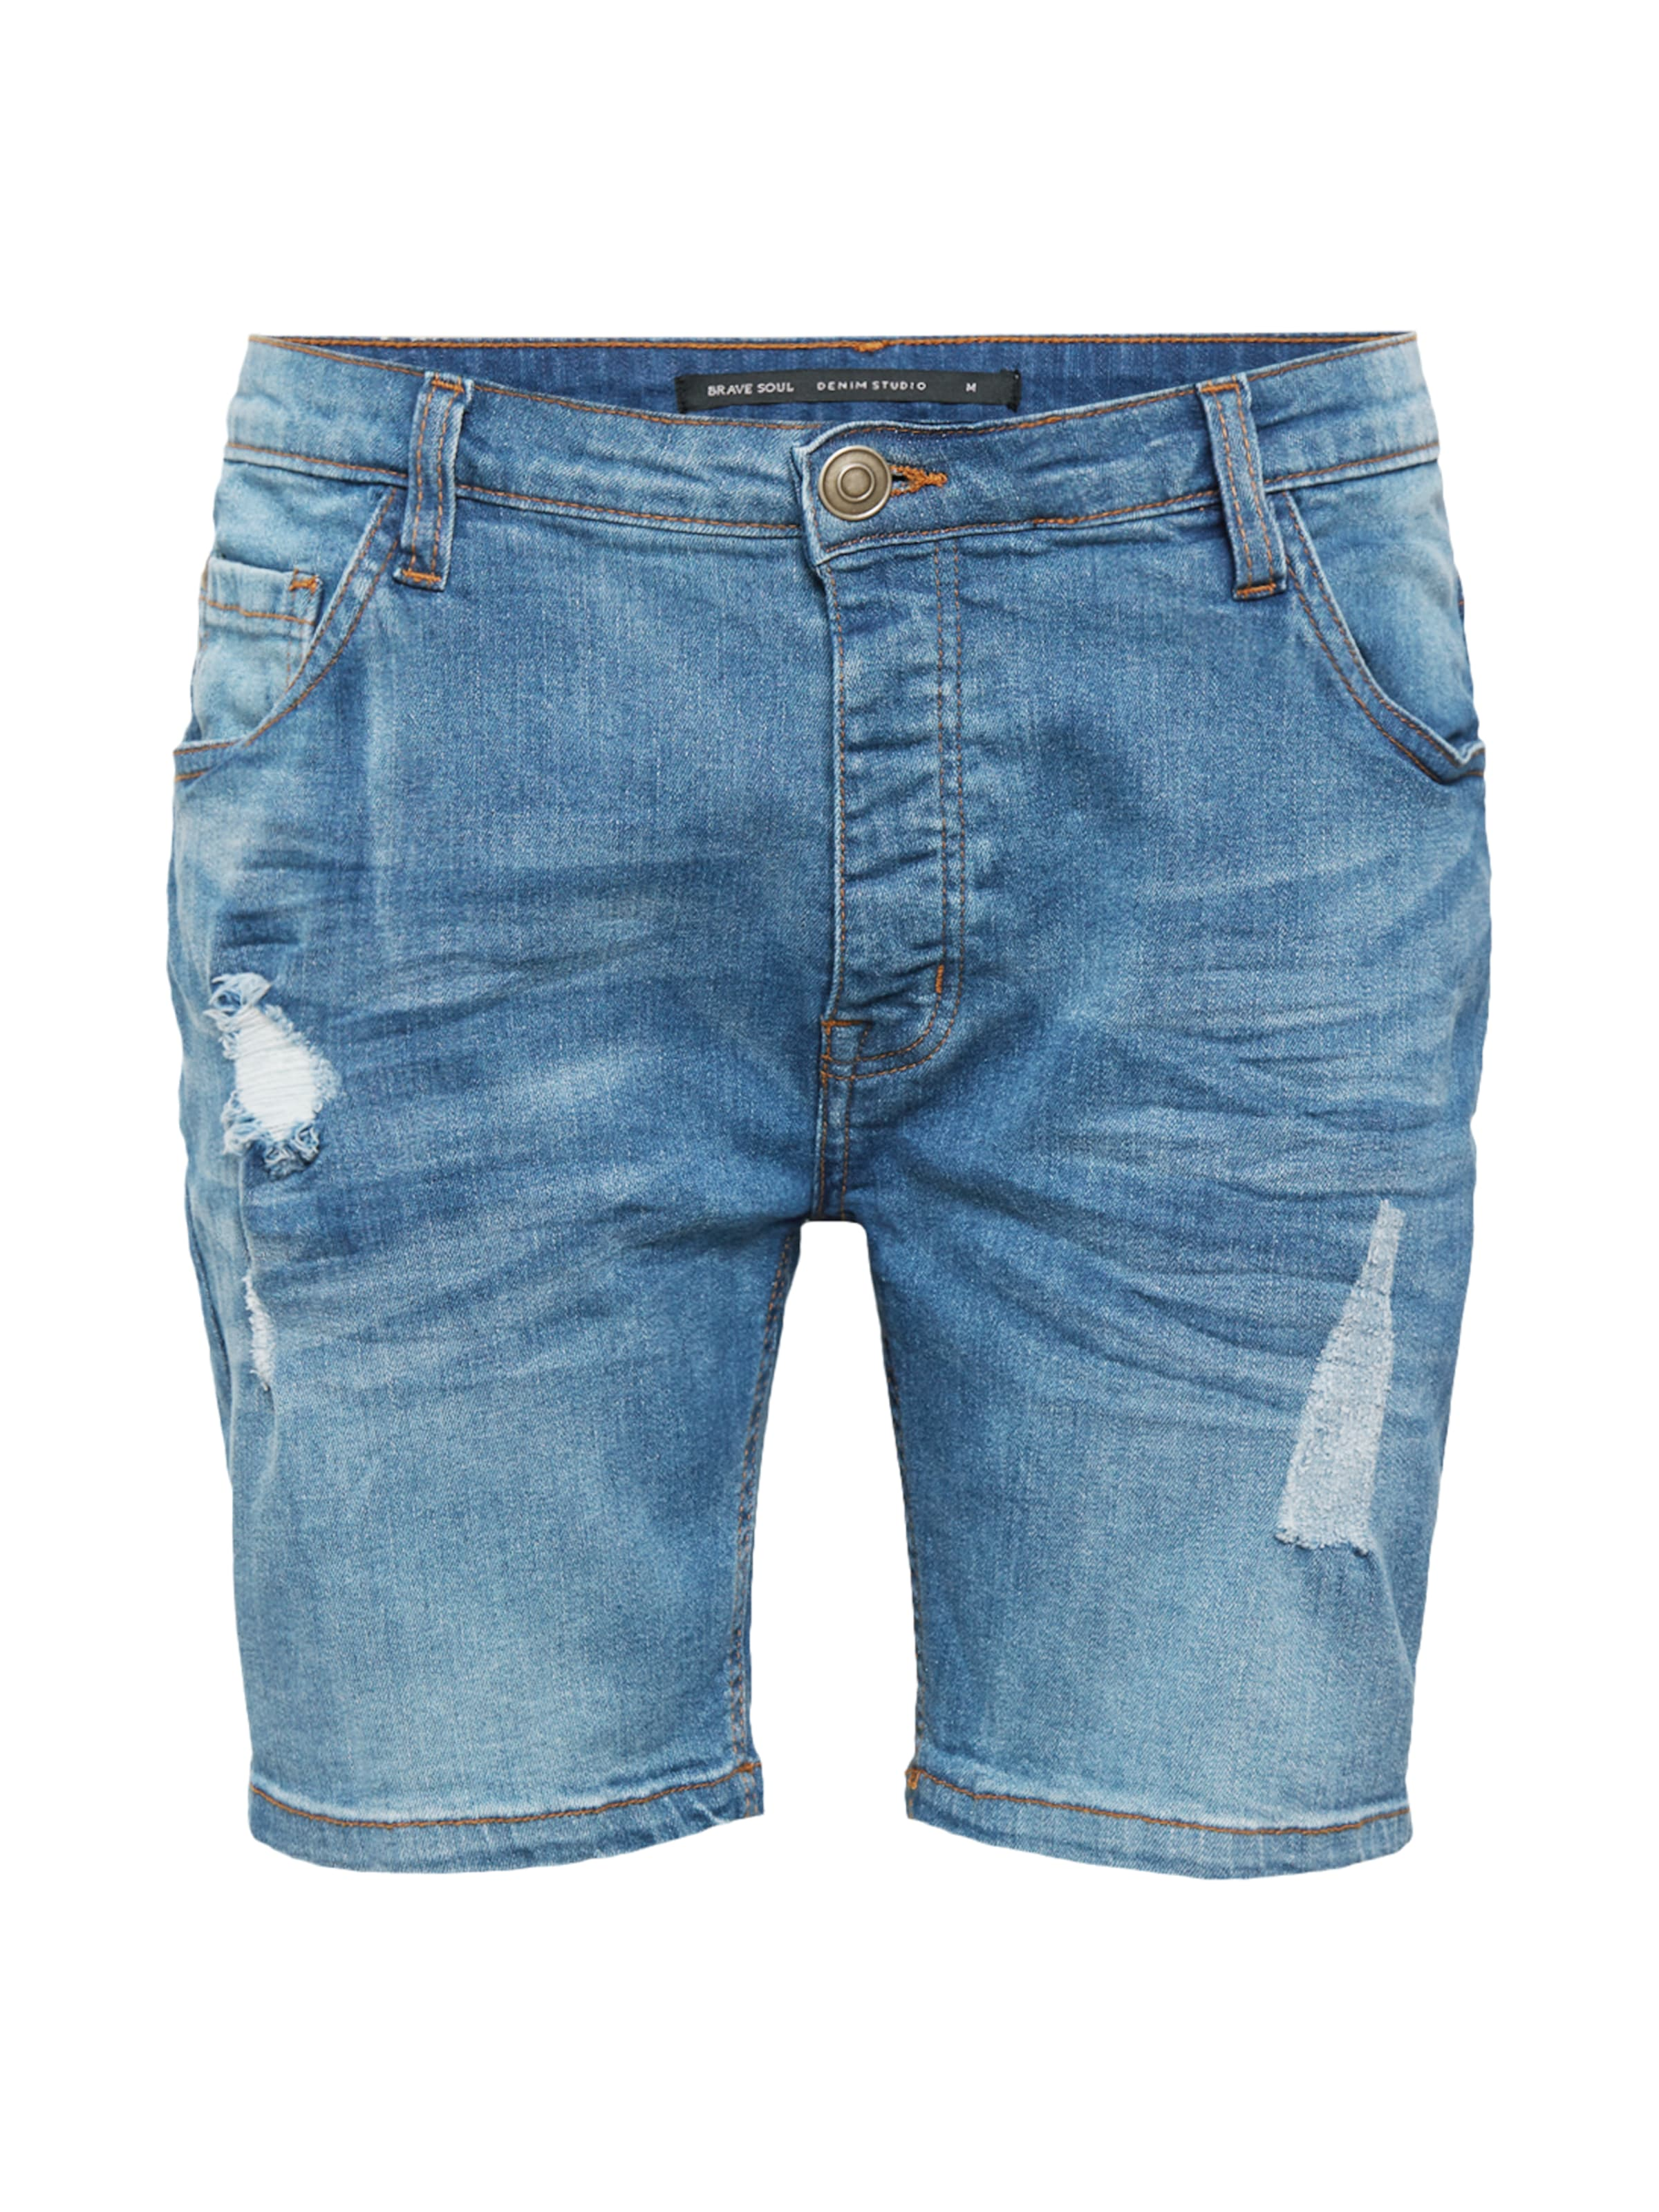 Blue Jeans In Soul Denim Brave kTOPXZiu